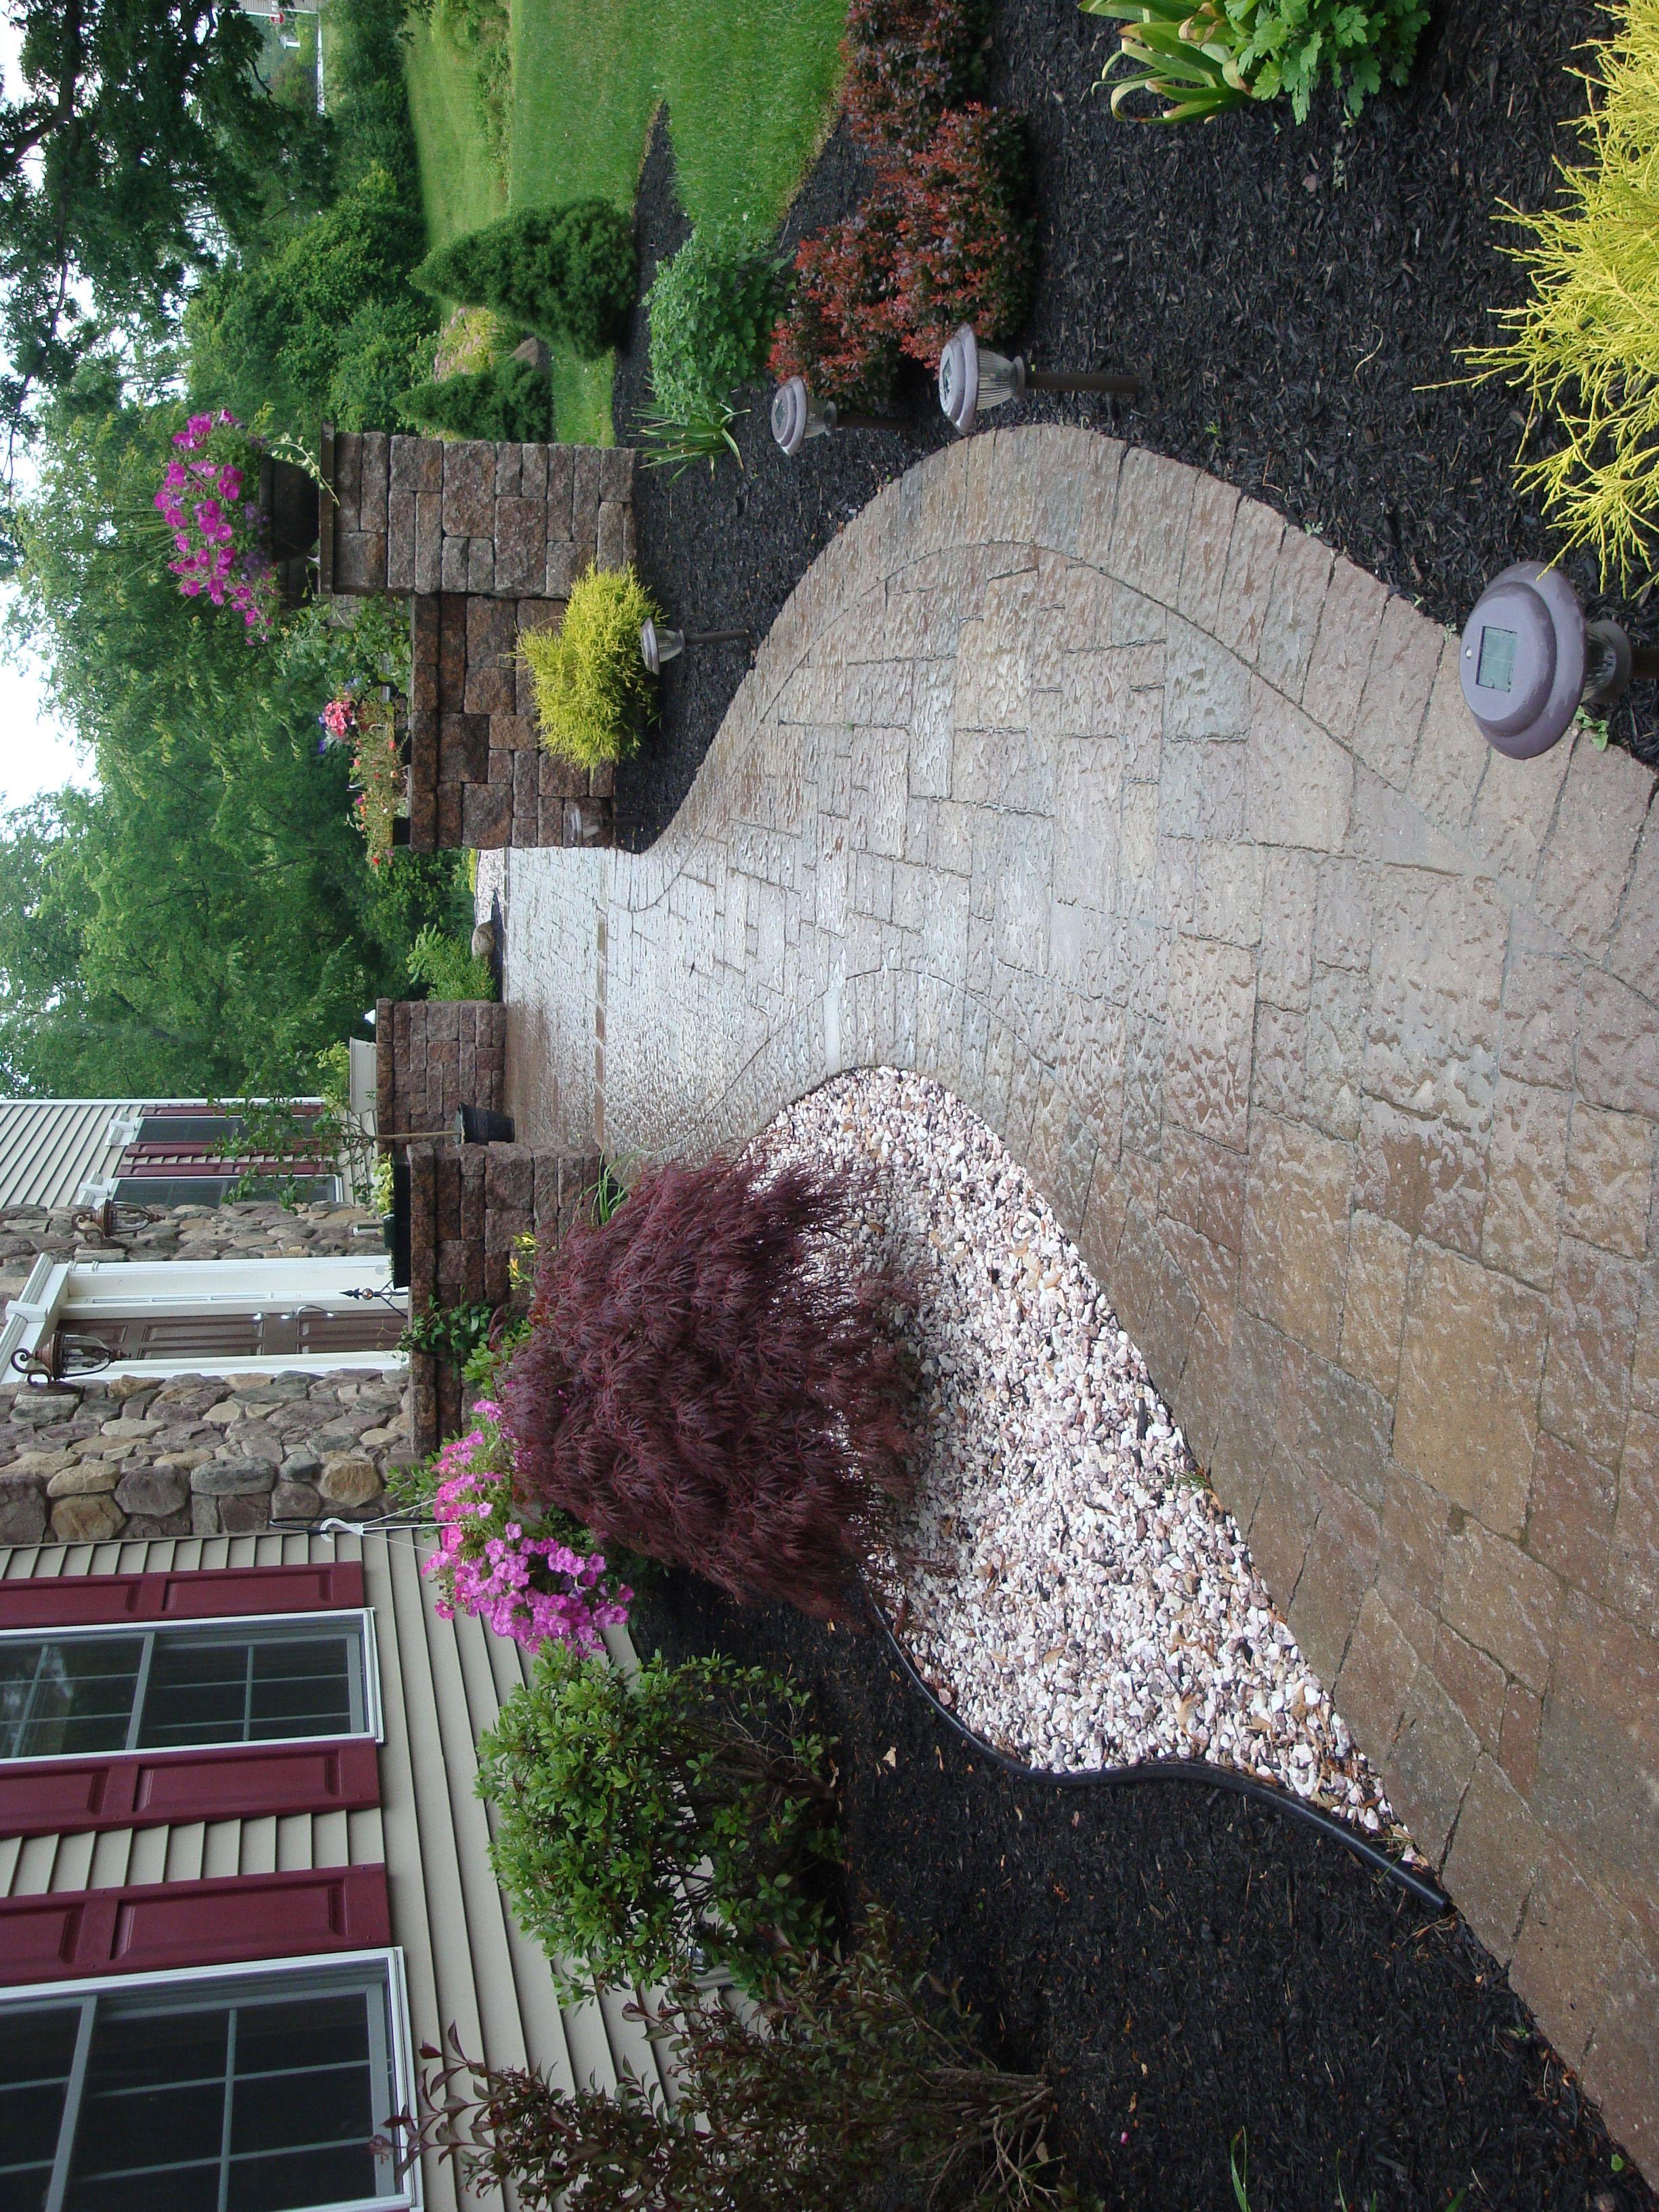 Dream Walkway With Creative Design For Alternative Design To Create Interesting Home Walkway Inspiring Ideas Stone Design Landscape Design Square Design